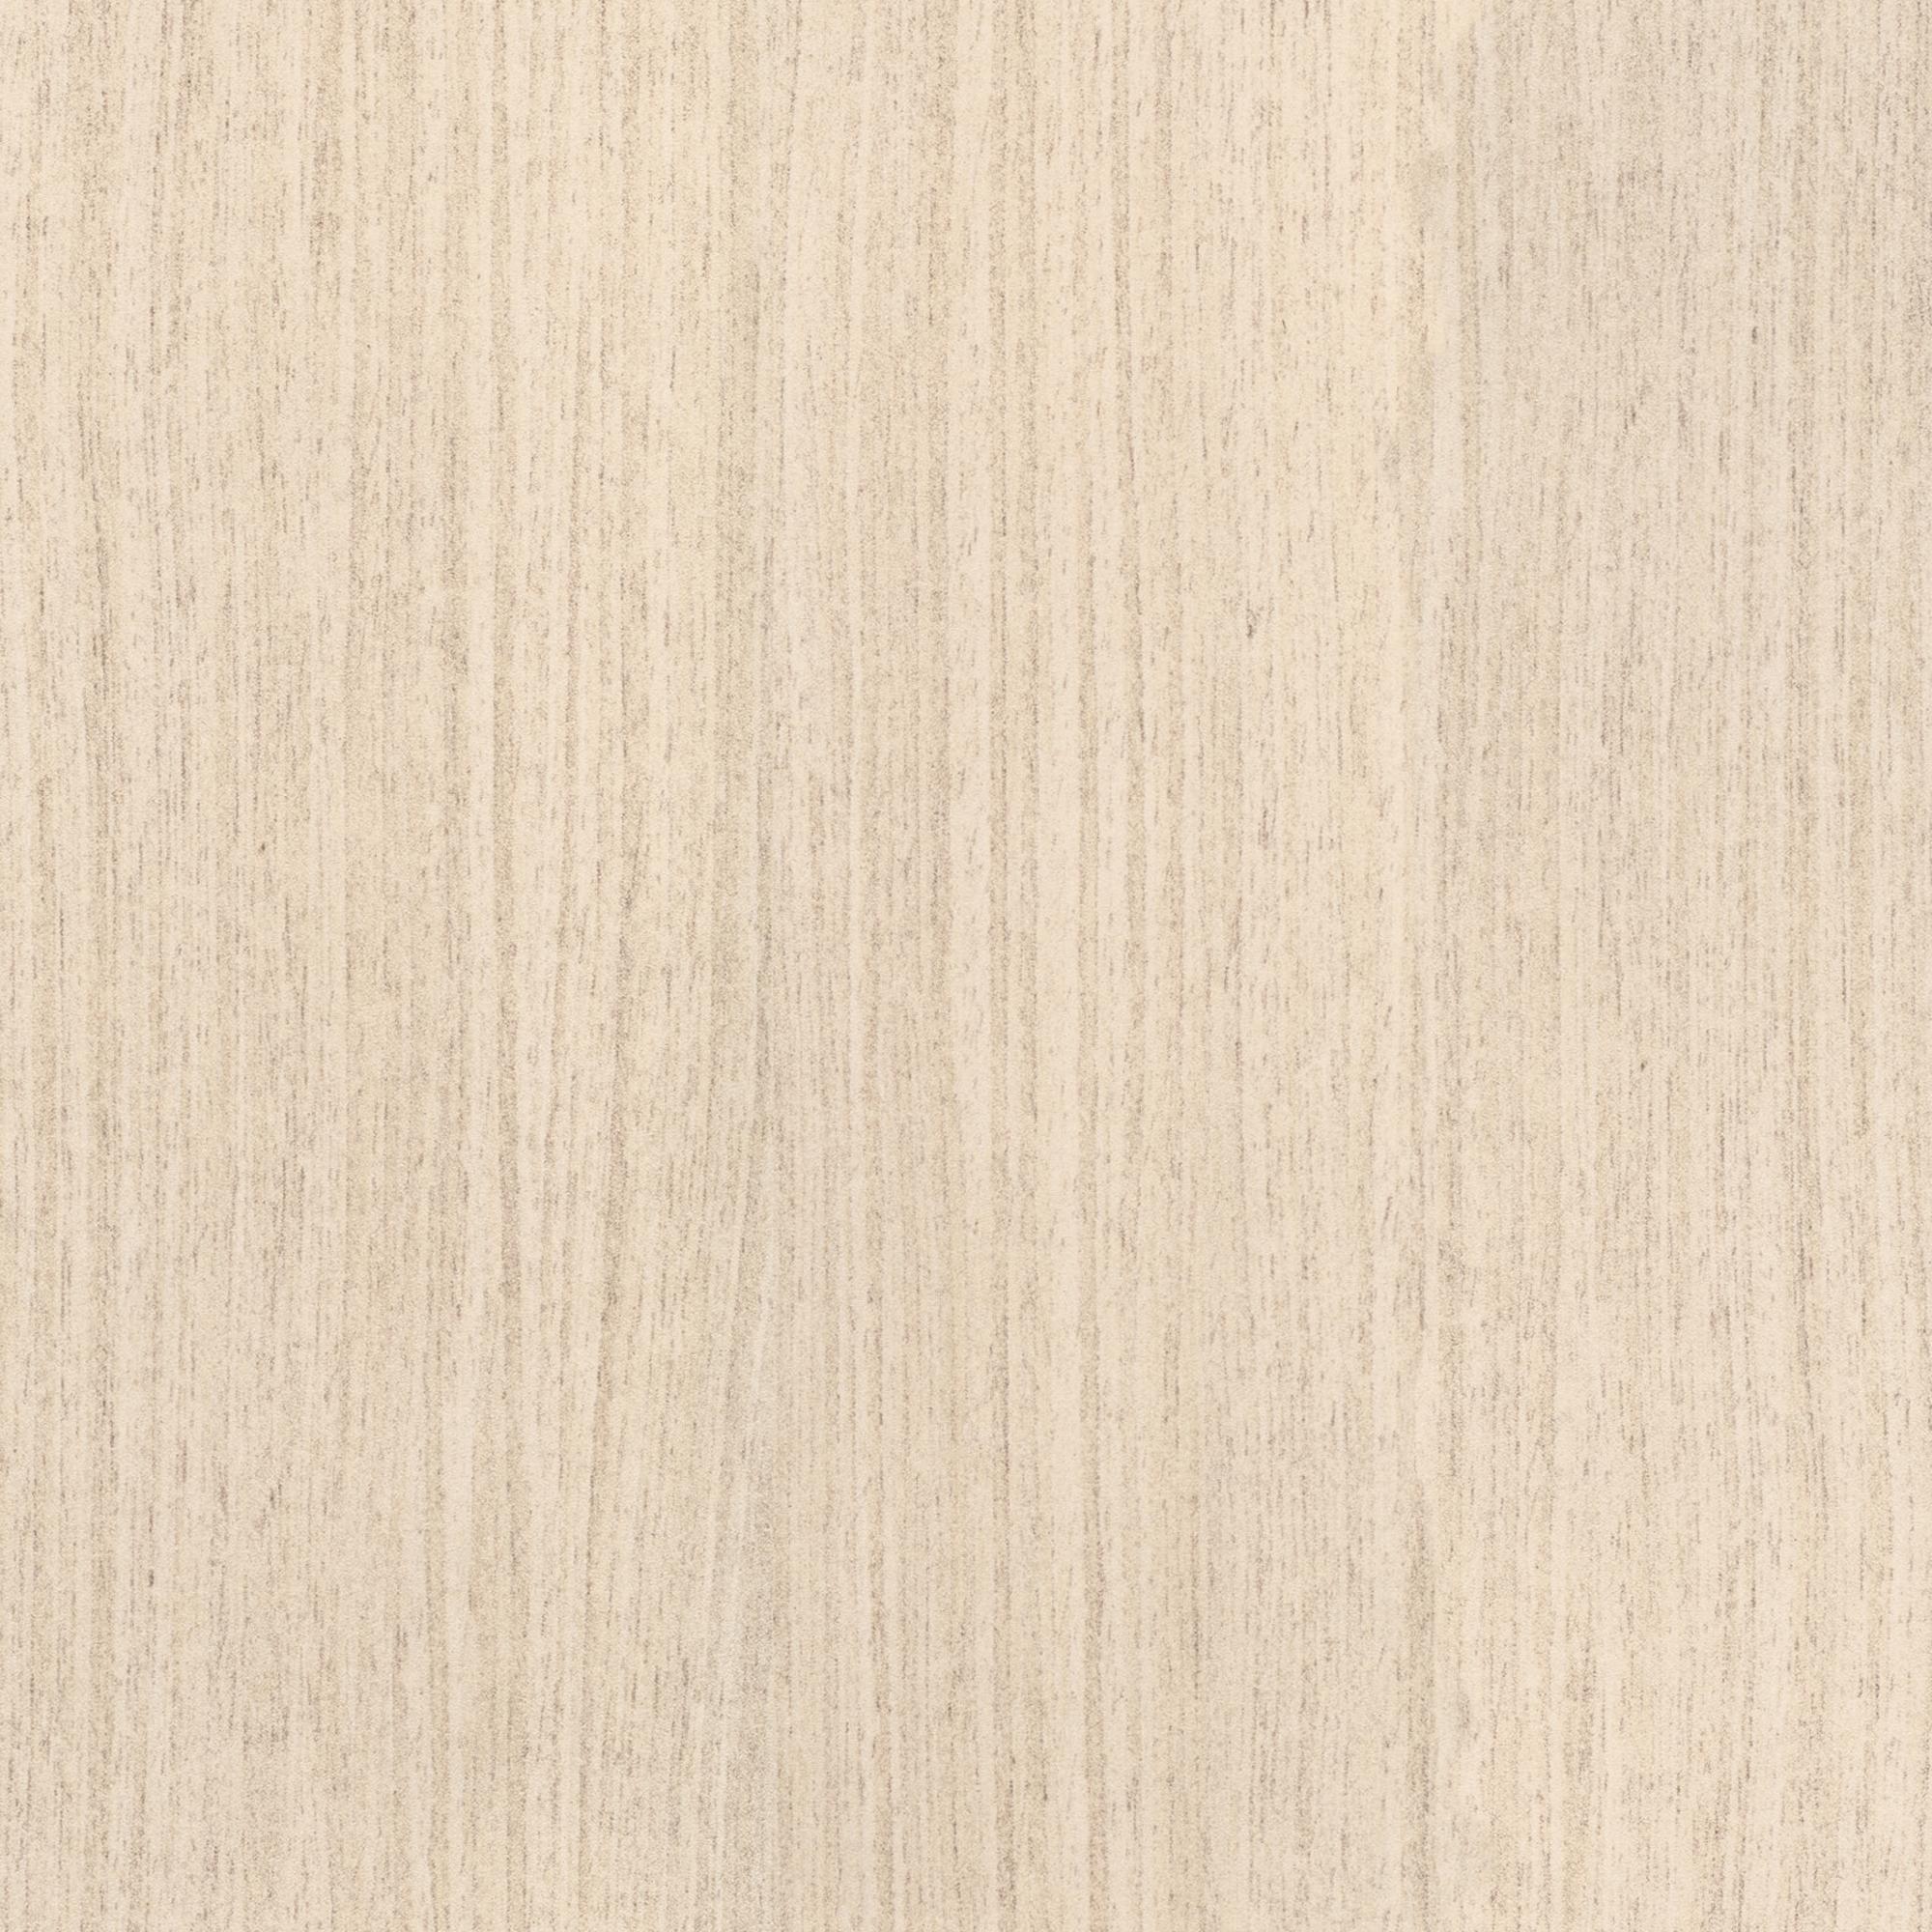 products kerlite oaks spec ceramics. Black Bedroom Furniture Sets. Home Design Ideas